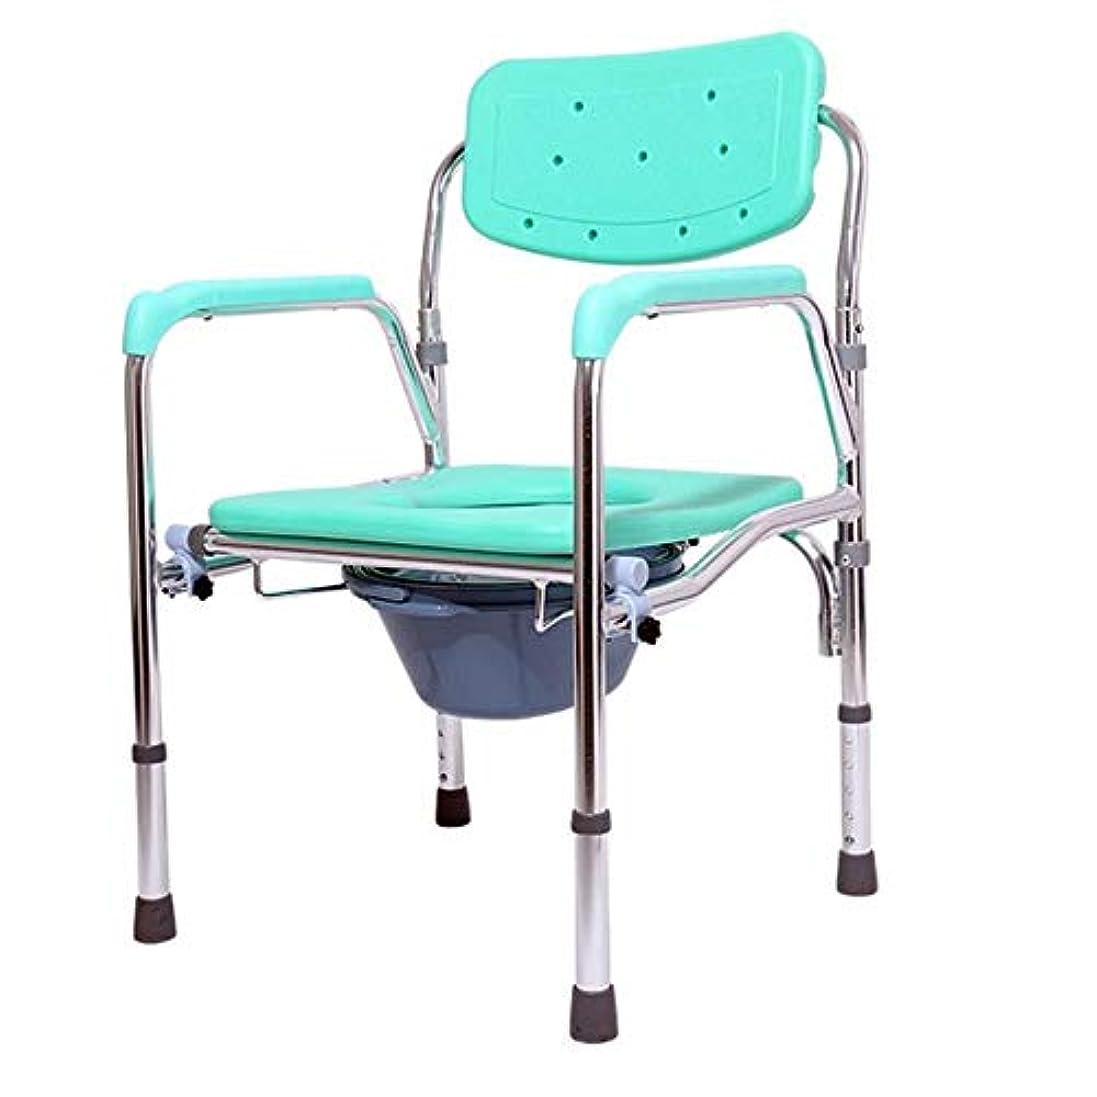 遺跡意識寄稿者調節可能なシャワーベンチ、可動性のための調節可能な背中とアームレストを備えたポータブル医療スツール